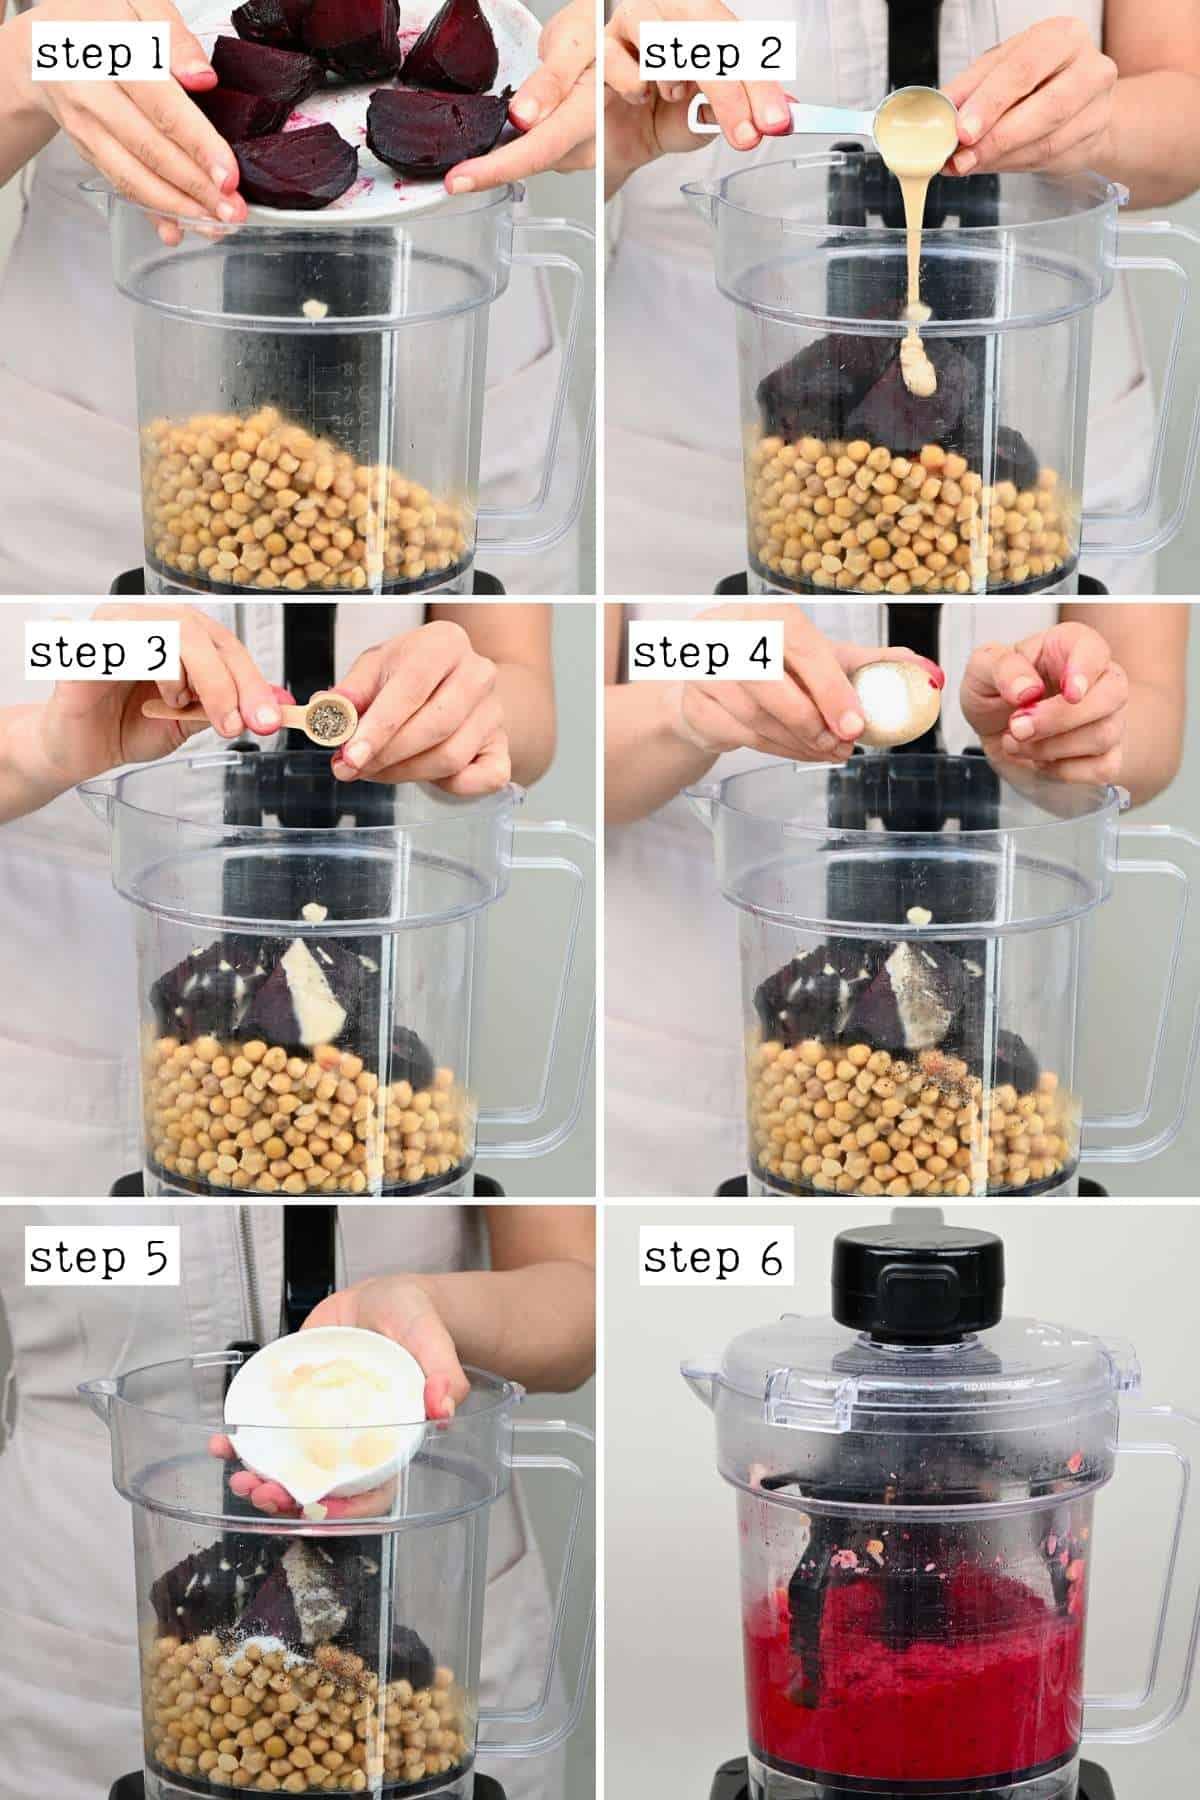 Steps for preparing beetroot hummus